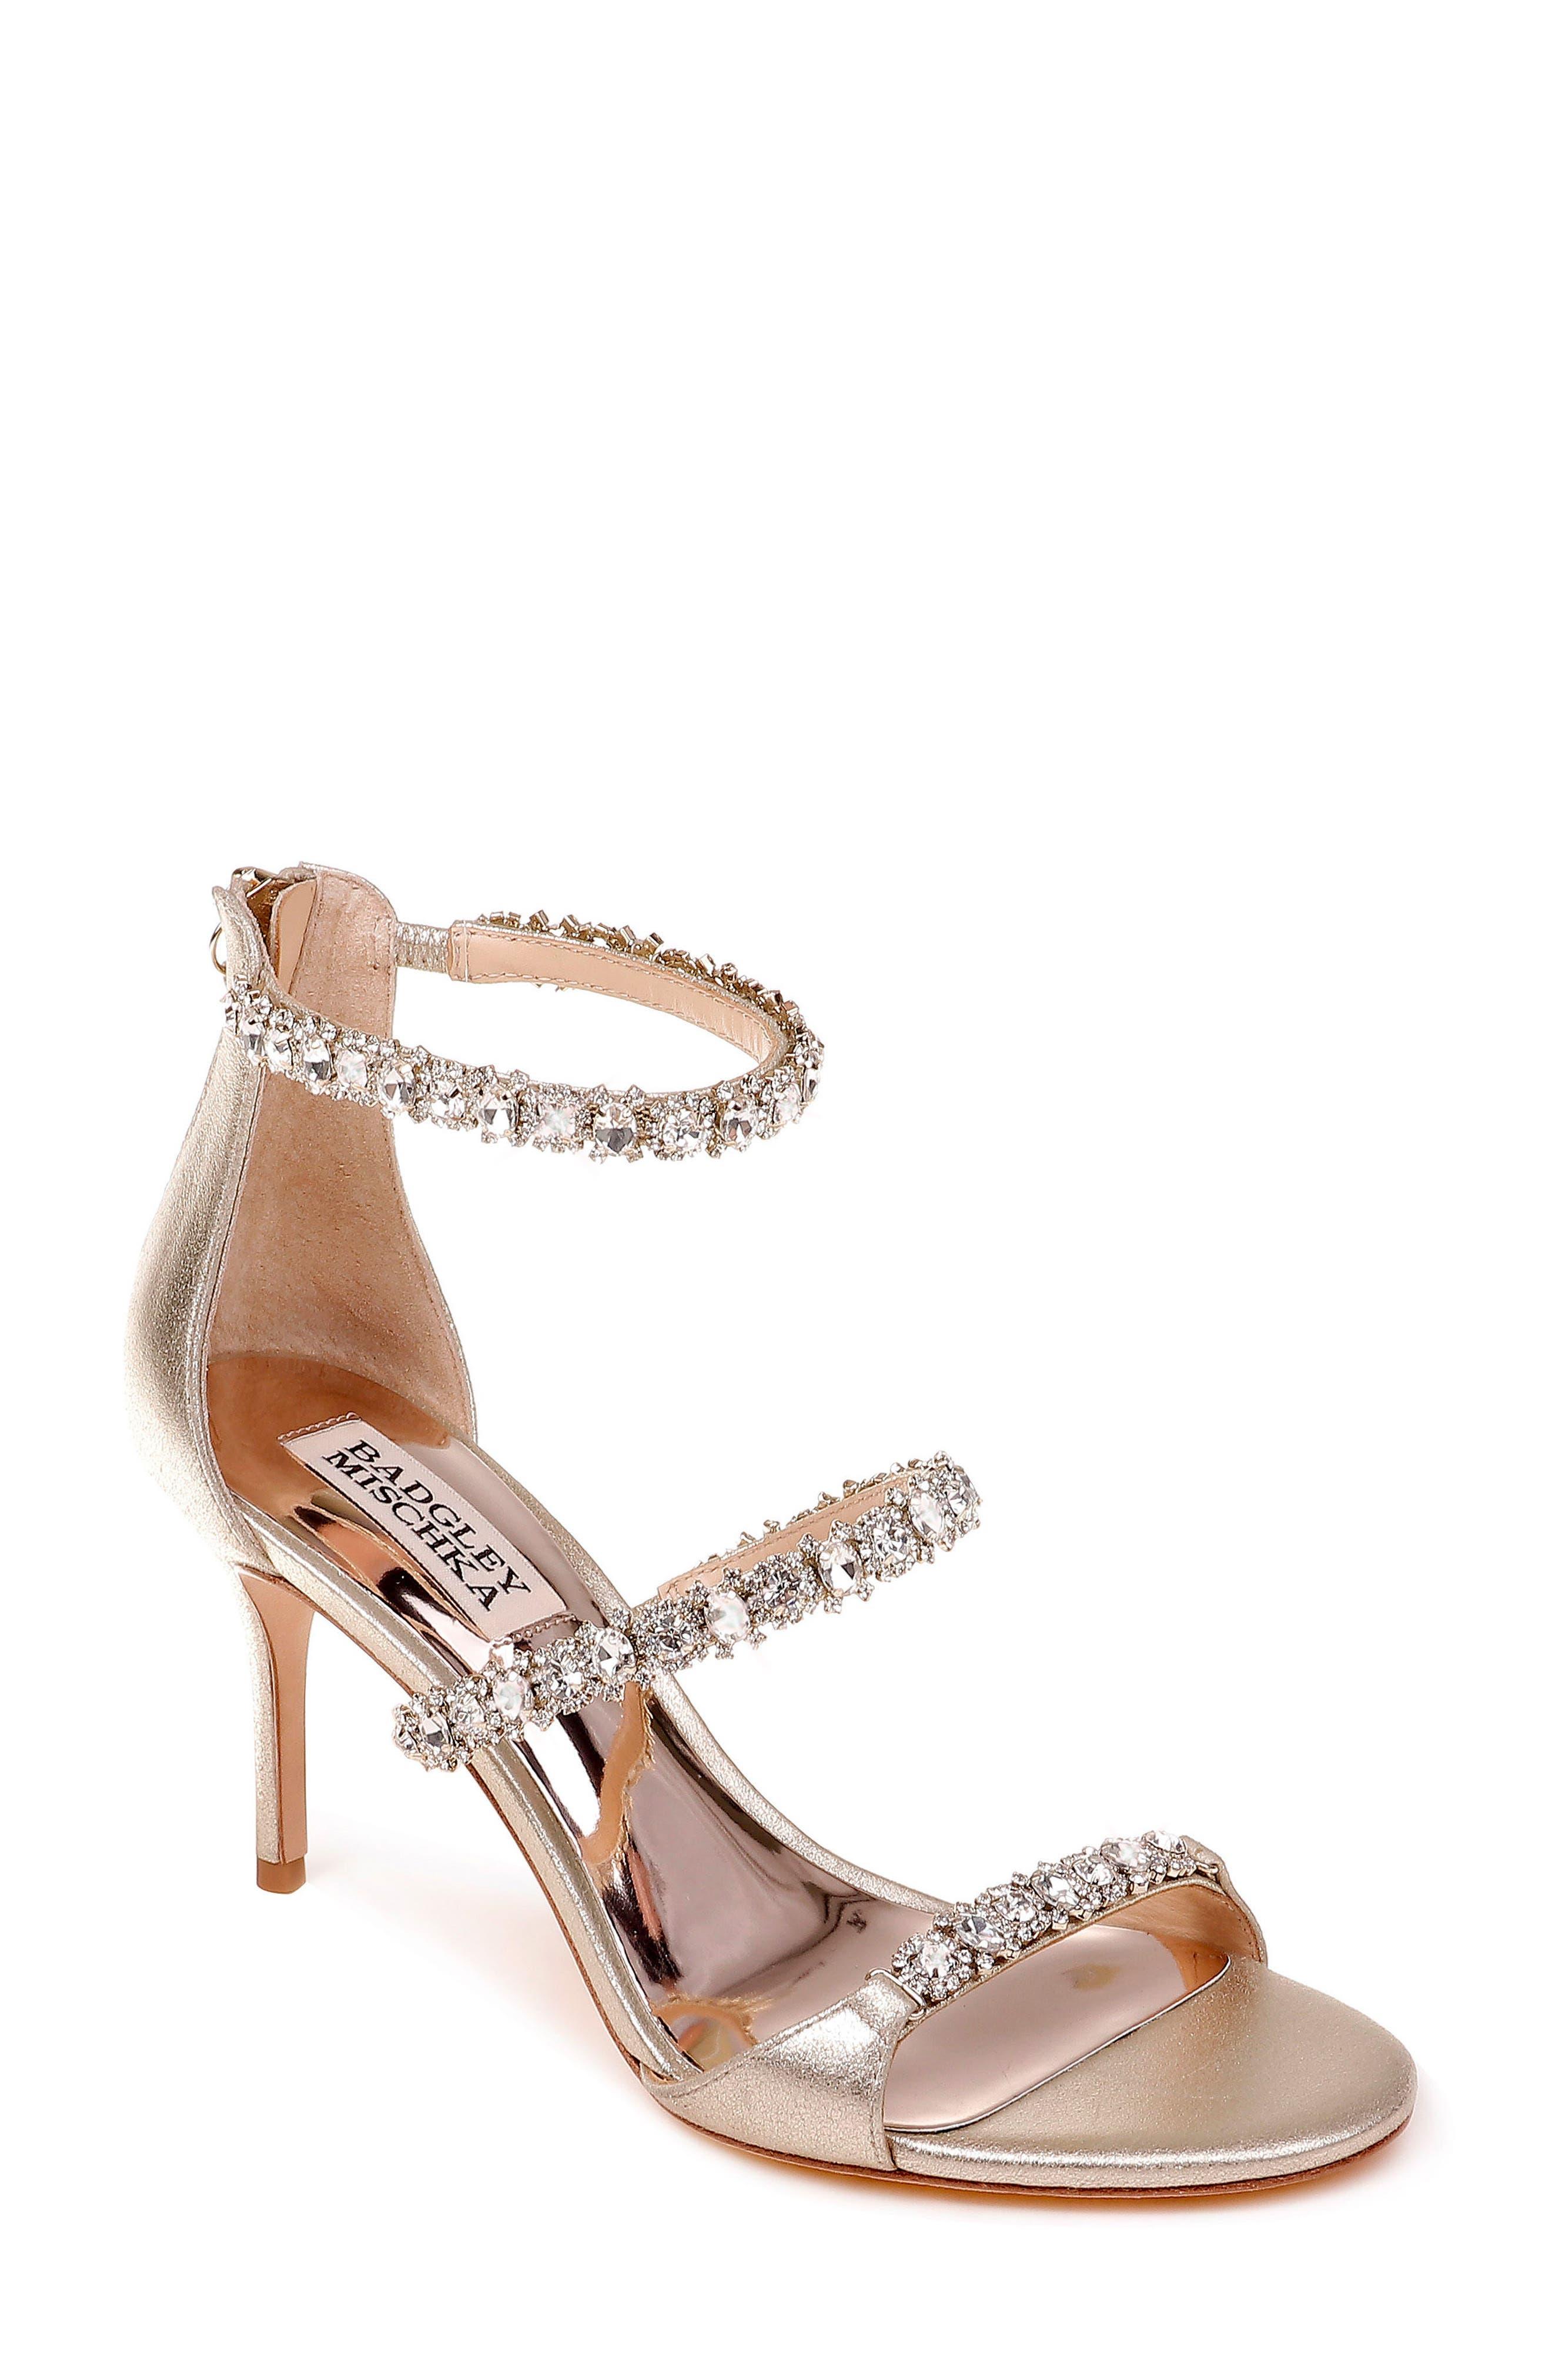 Yasmine Crystal Embellished Sandal,                         Main,                         color, Latte Satin